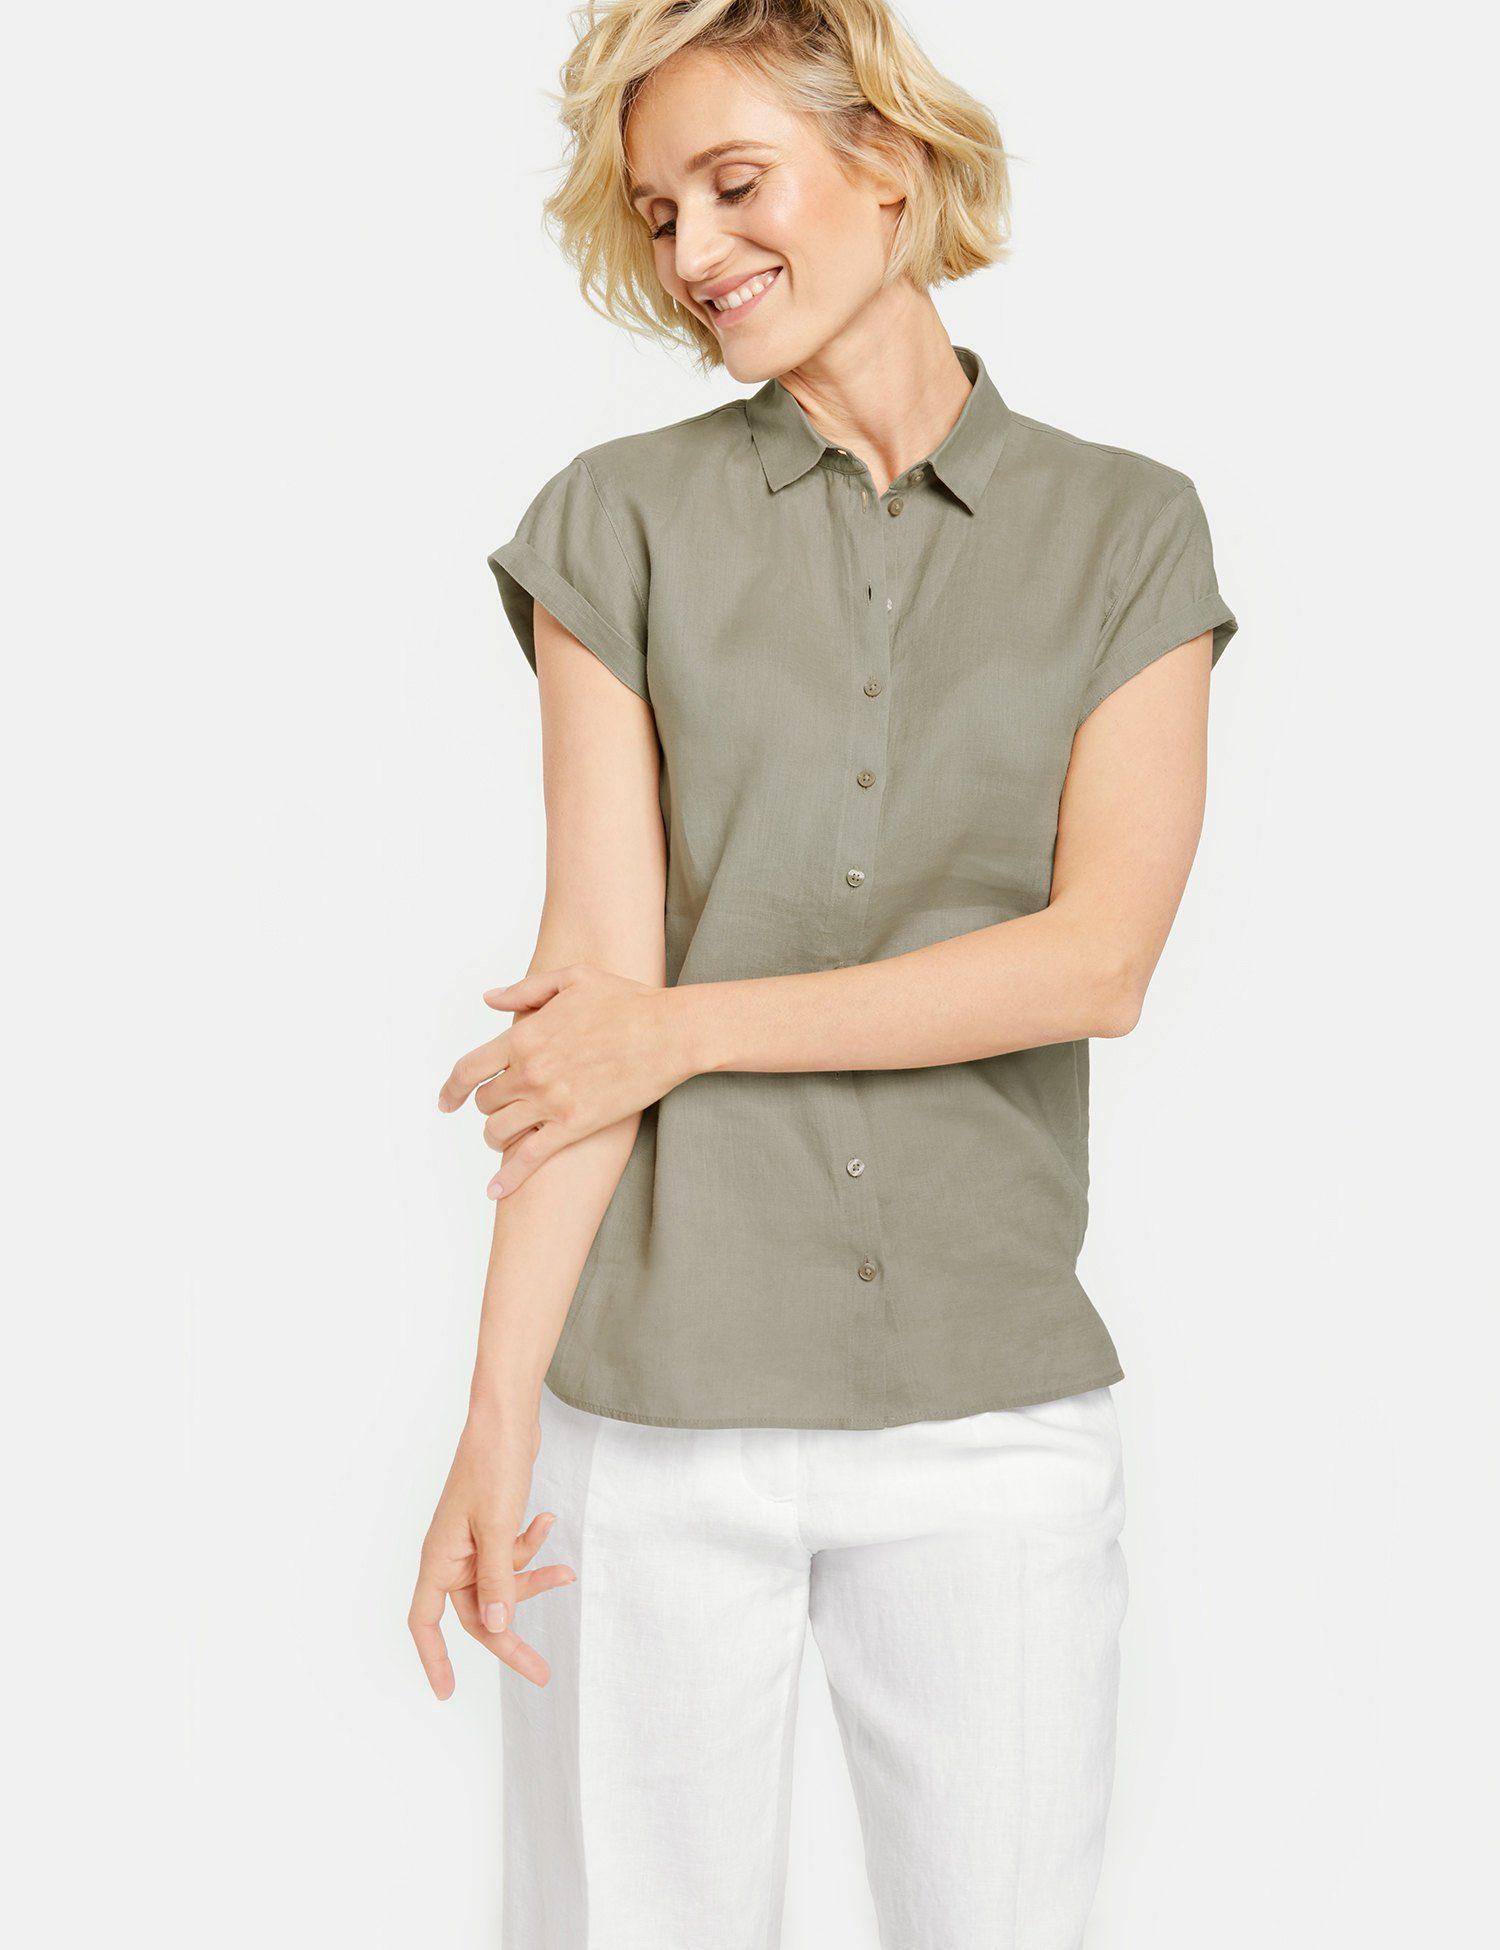 GERRY WEBER Bluse 1/2 Arm Bluse aus reinem Leinen